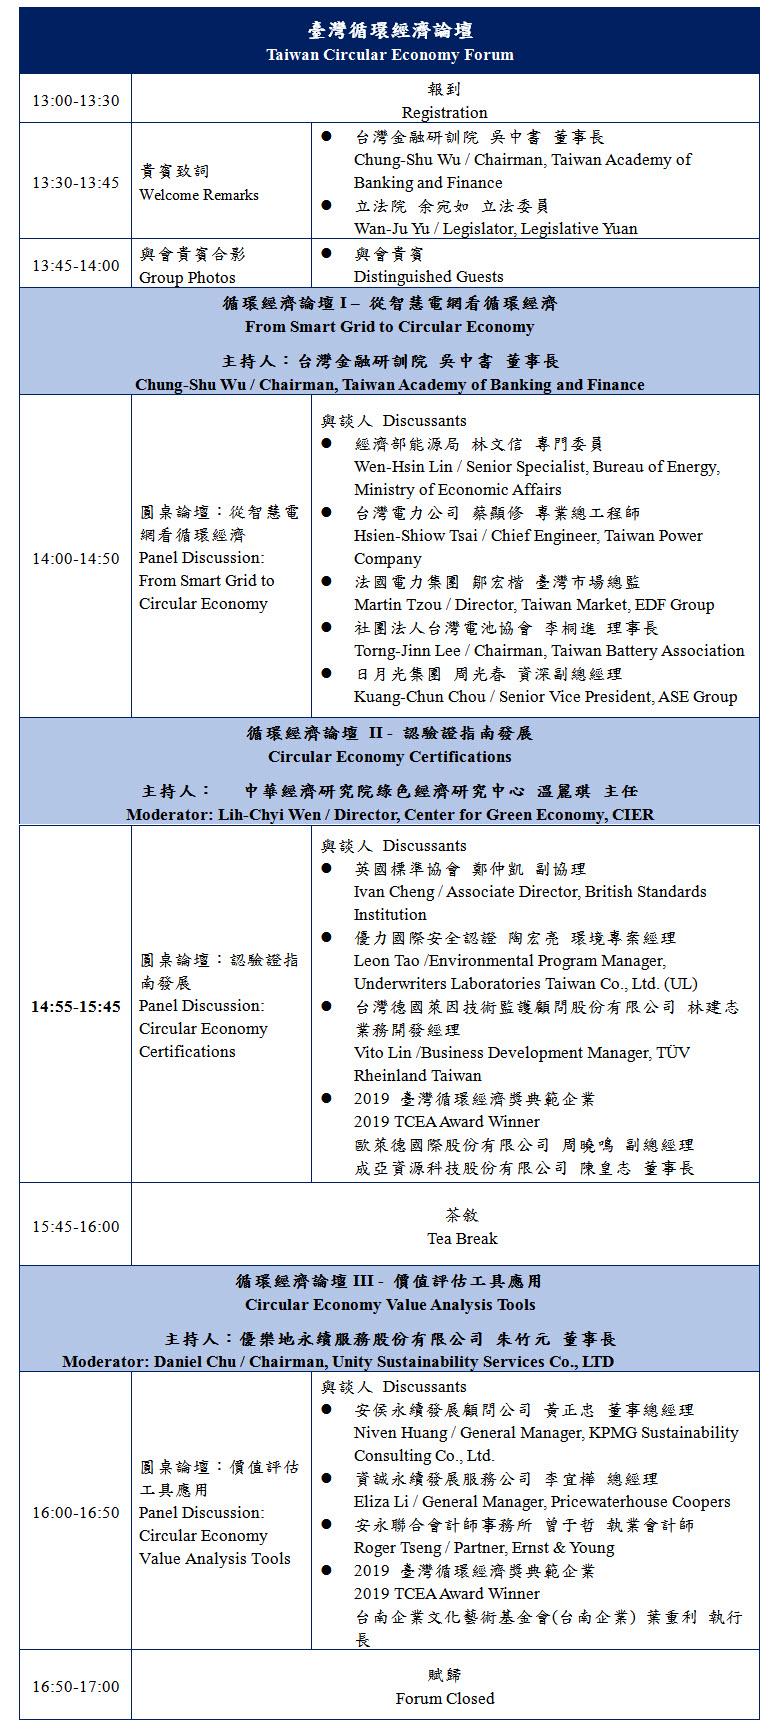 標題-永續城市-臺灣循環經濟論壇議程